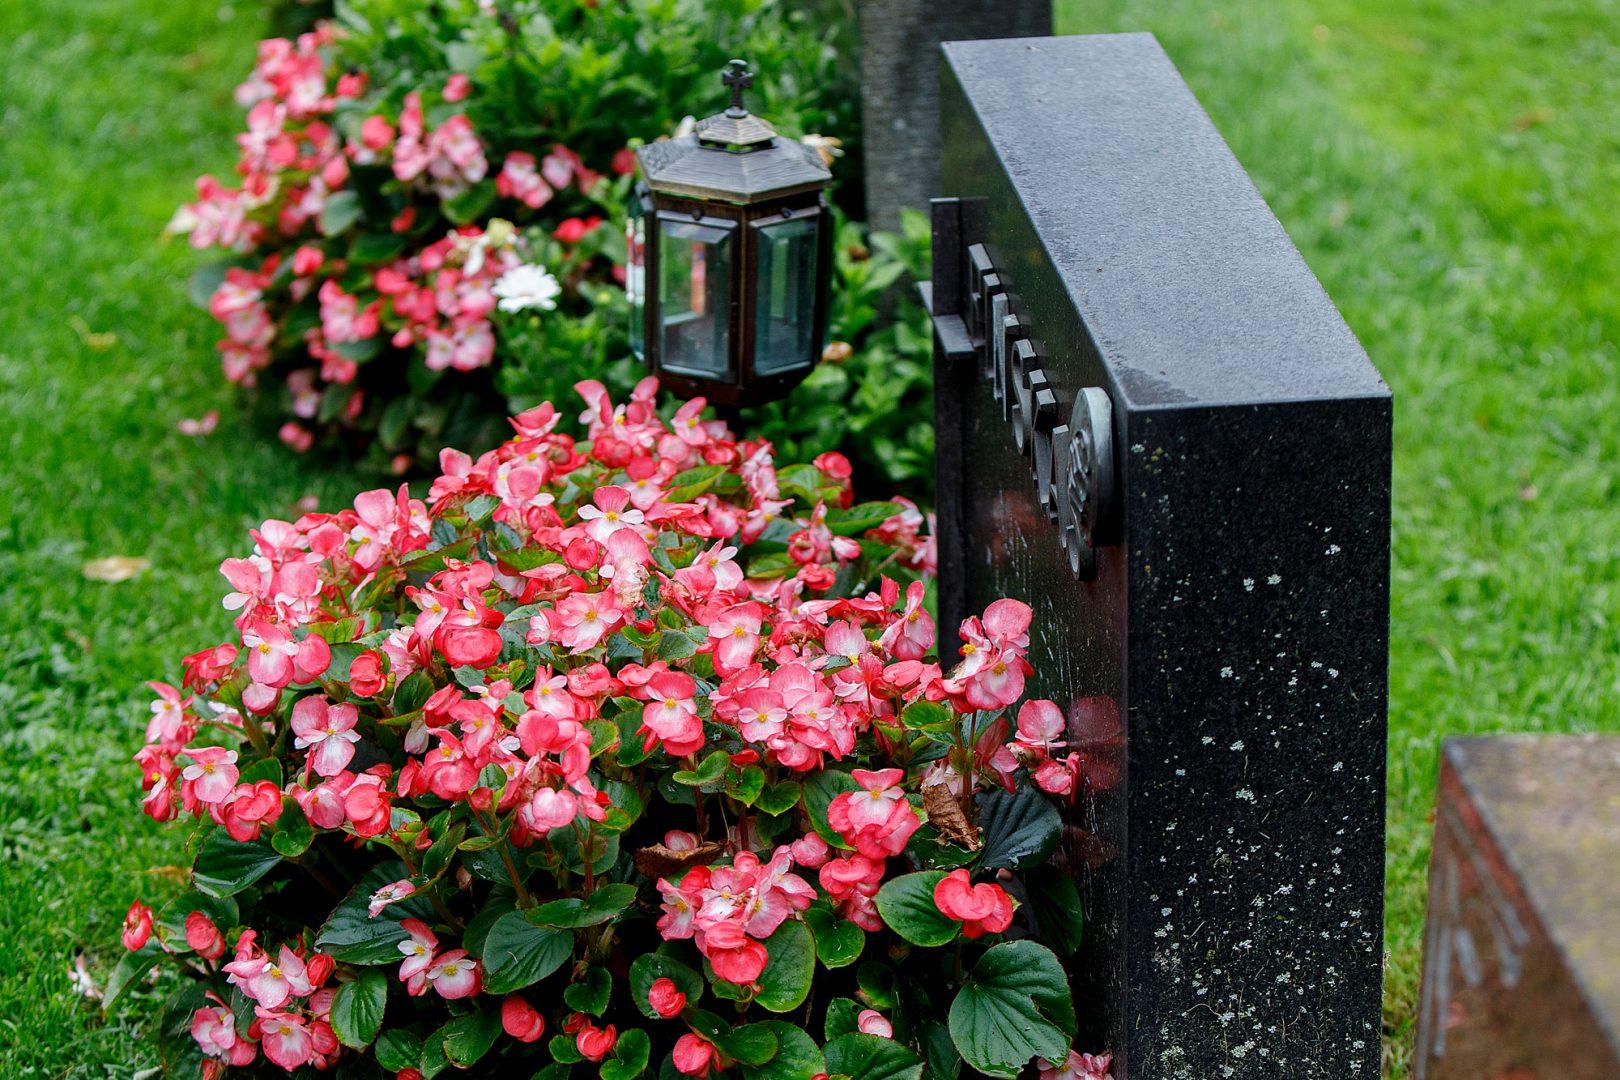 viherrakentaminen Vehreä kesäkukkamulta hautojen hoitoon